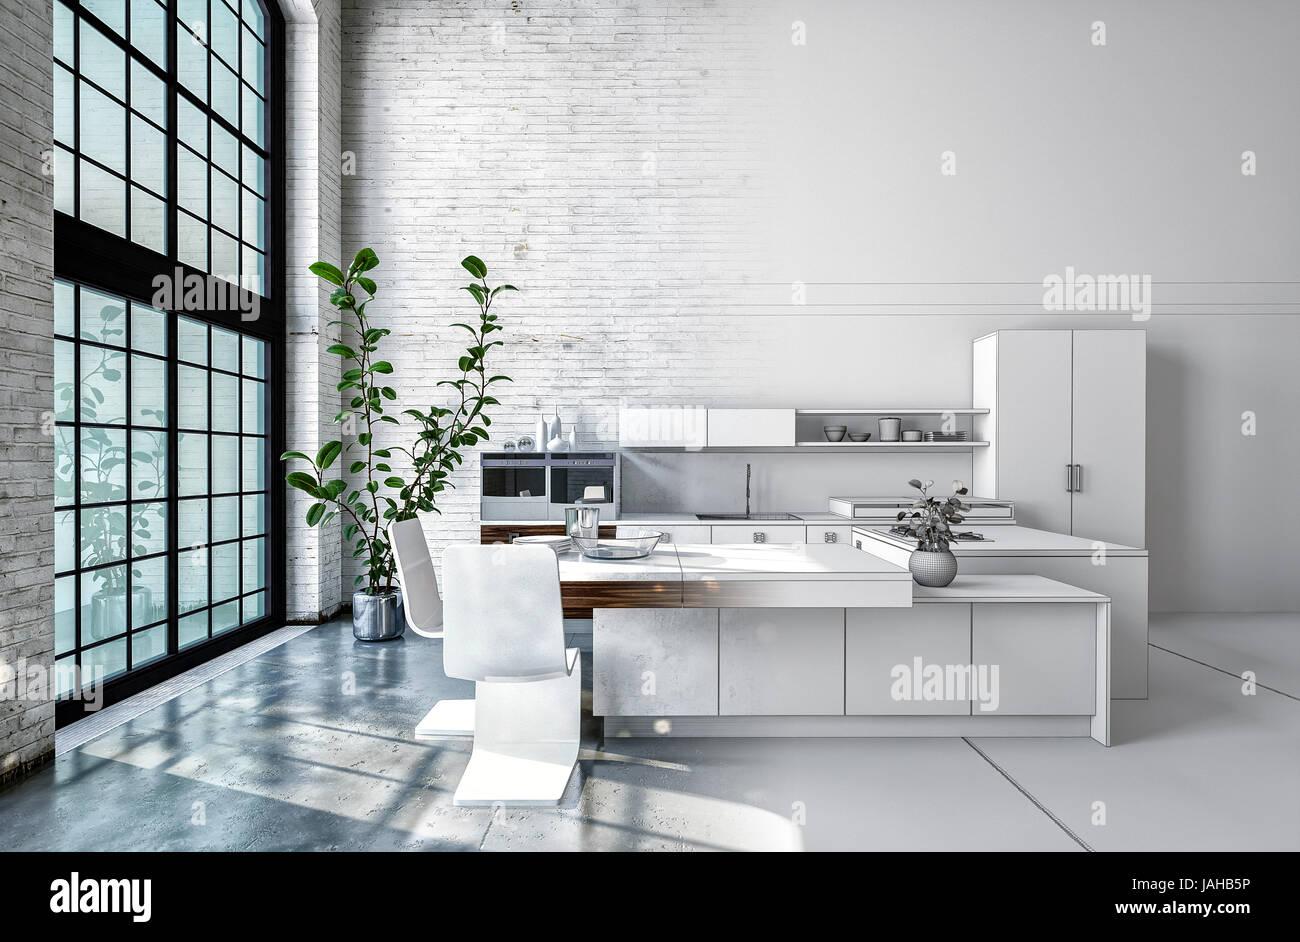 Kompakte Moderne Weiße Offene Küche Interieur Mit Eingebauten Schränken,  Geräten Und Theke Vor Einem Doppelten Volumen Große Helle Fenster. 3D Re